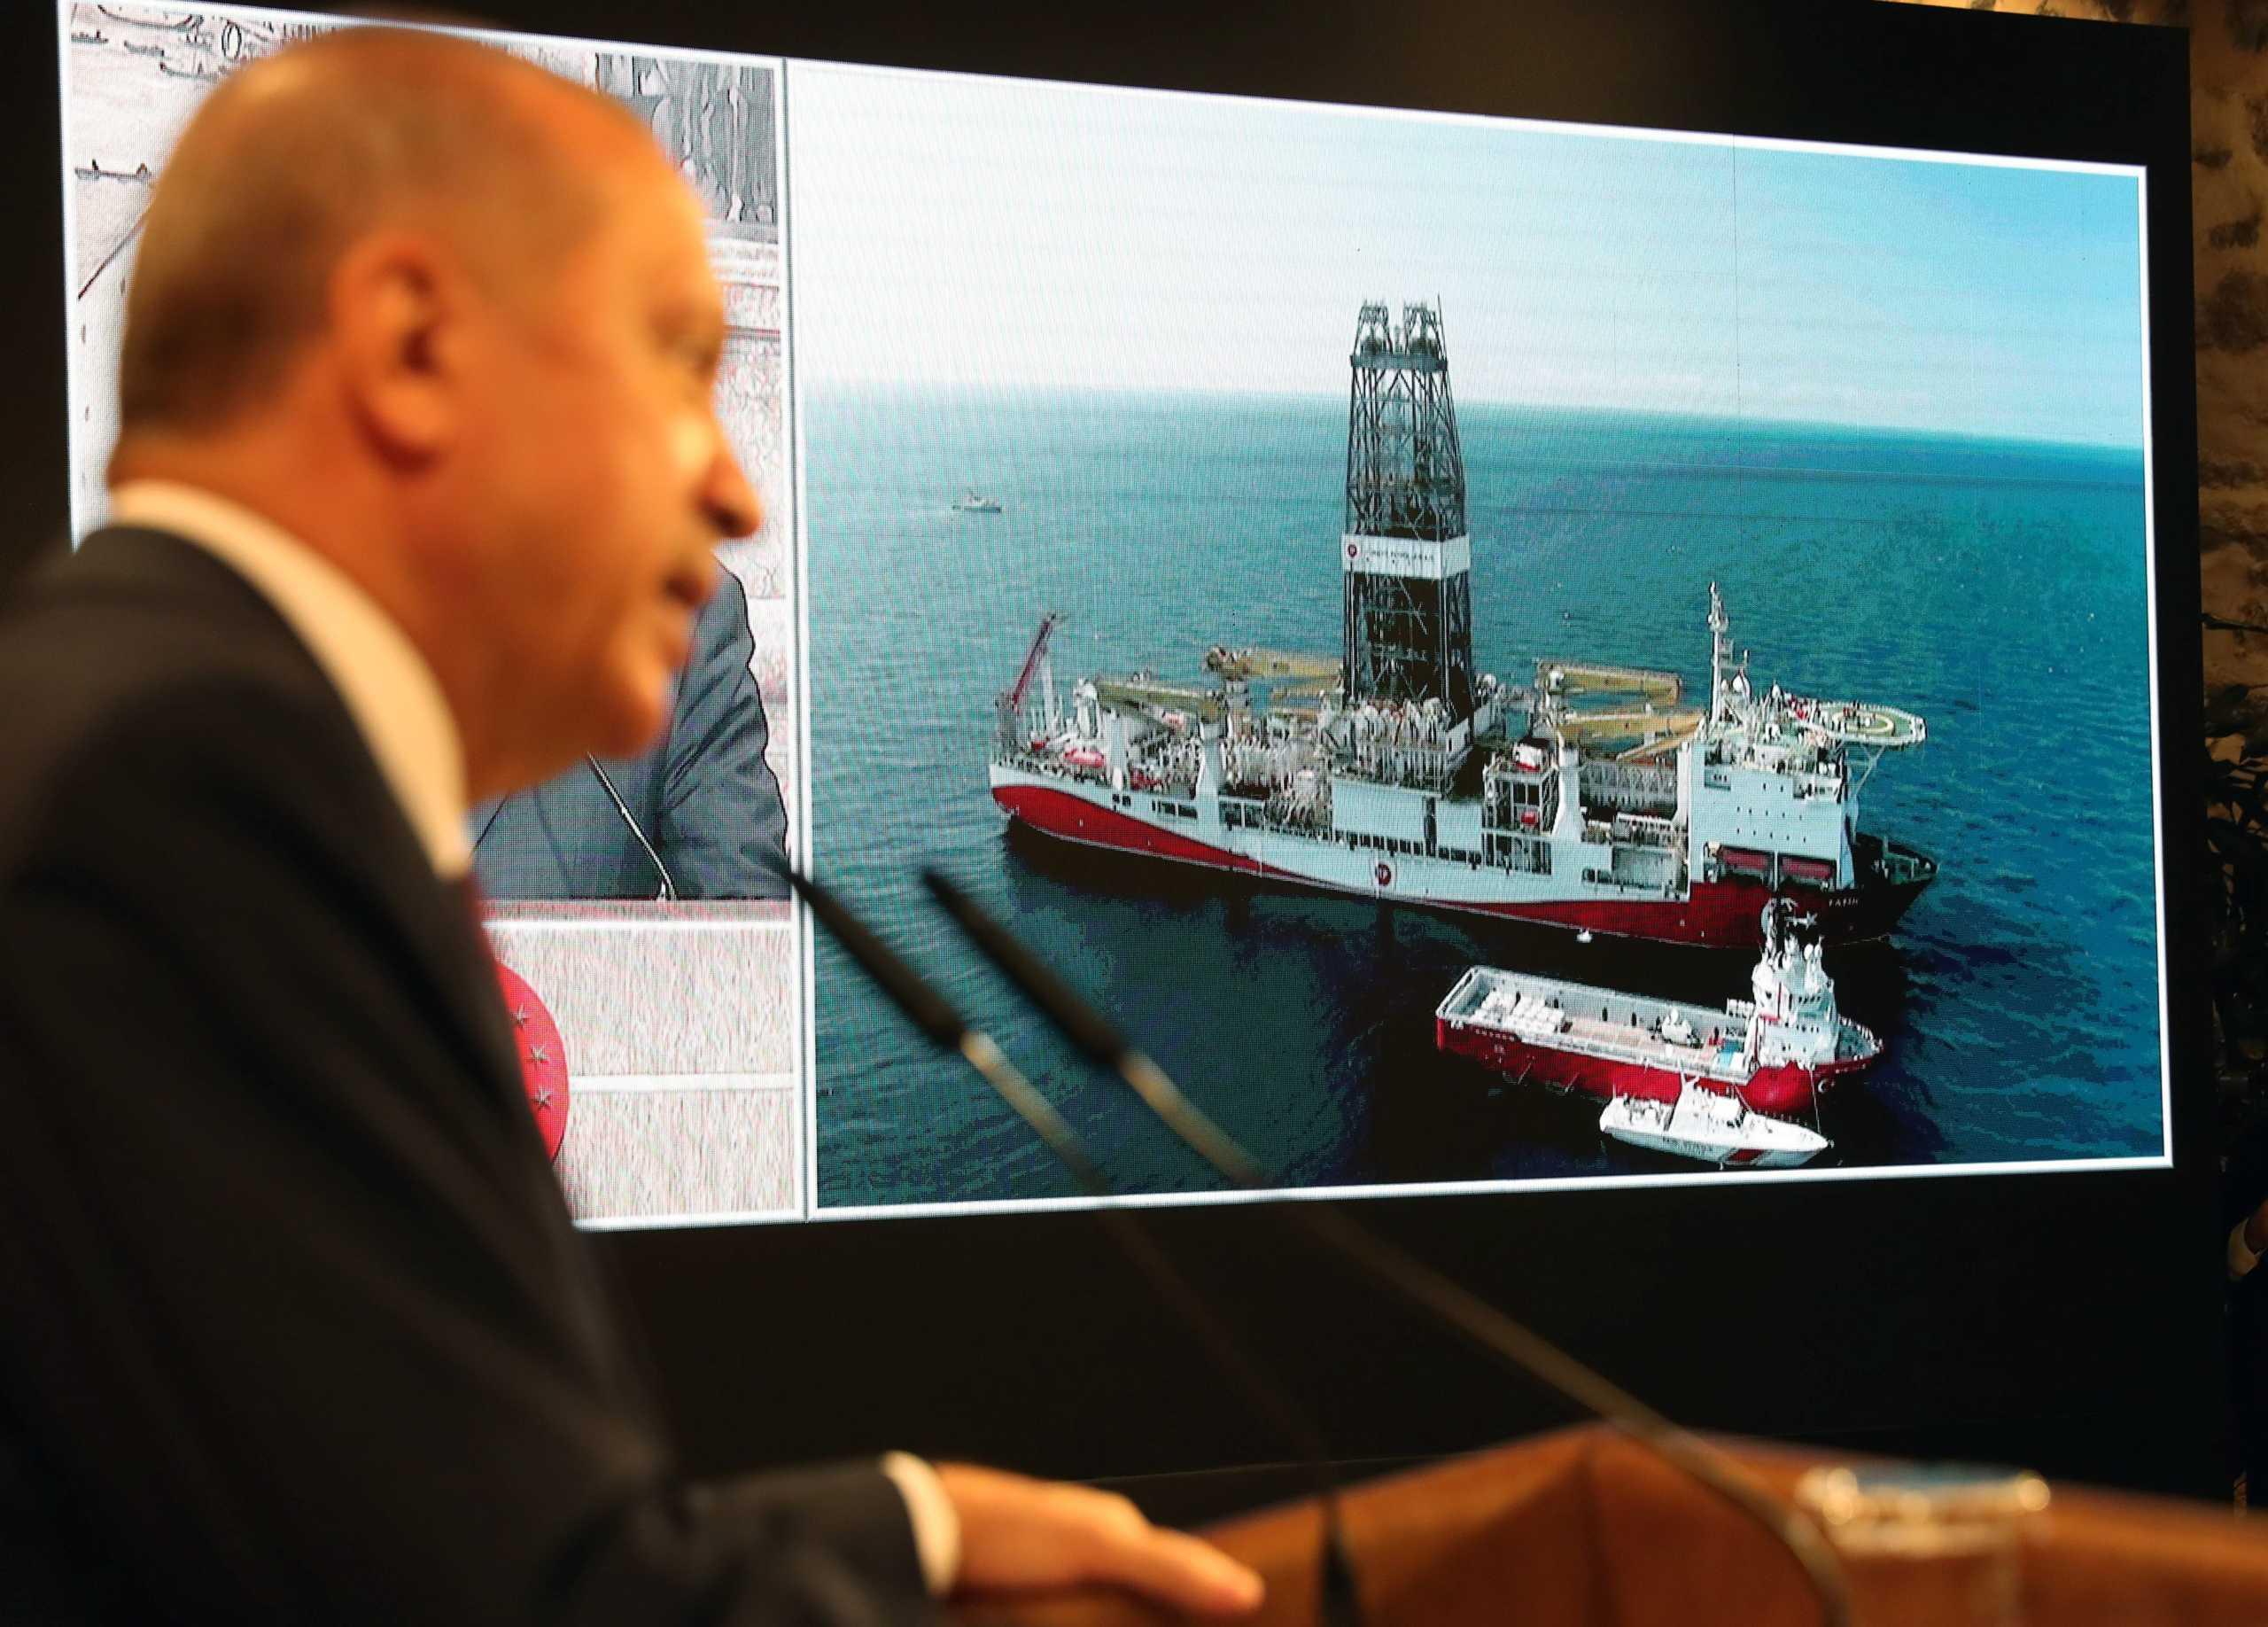 Μητσοτάκης: Δεν έπαιξα το παιχνίδι του Ερντογάν – Το ξεκάθαρο μήνυμα για την οριοθέτηση των θαλάσσιων ζωνών